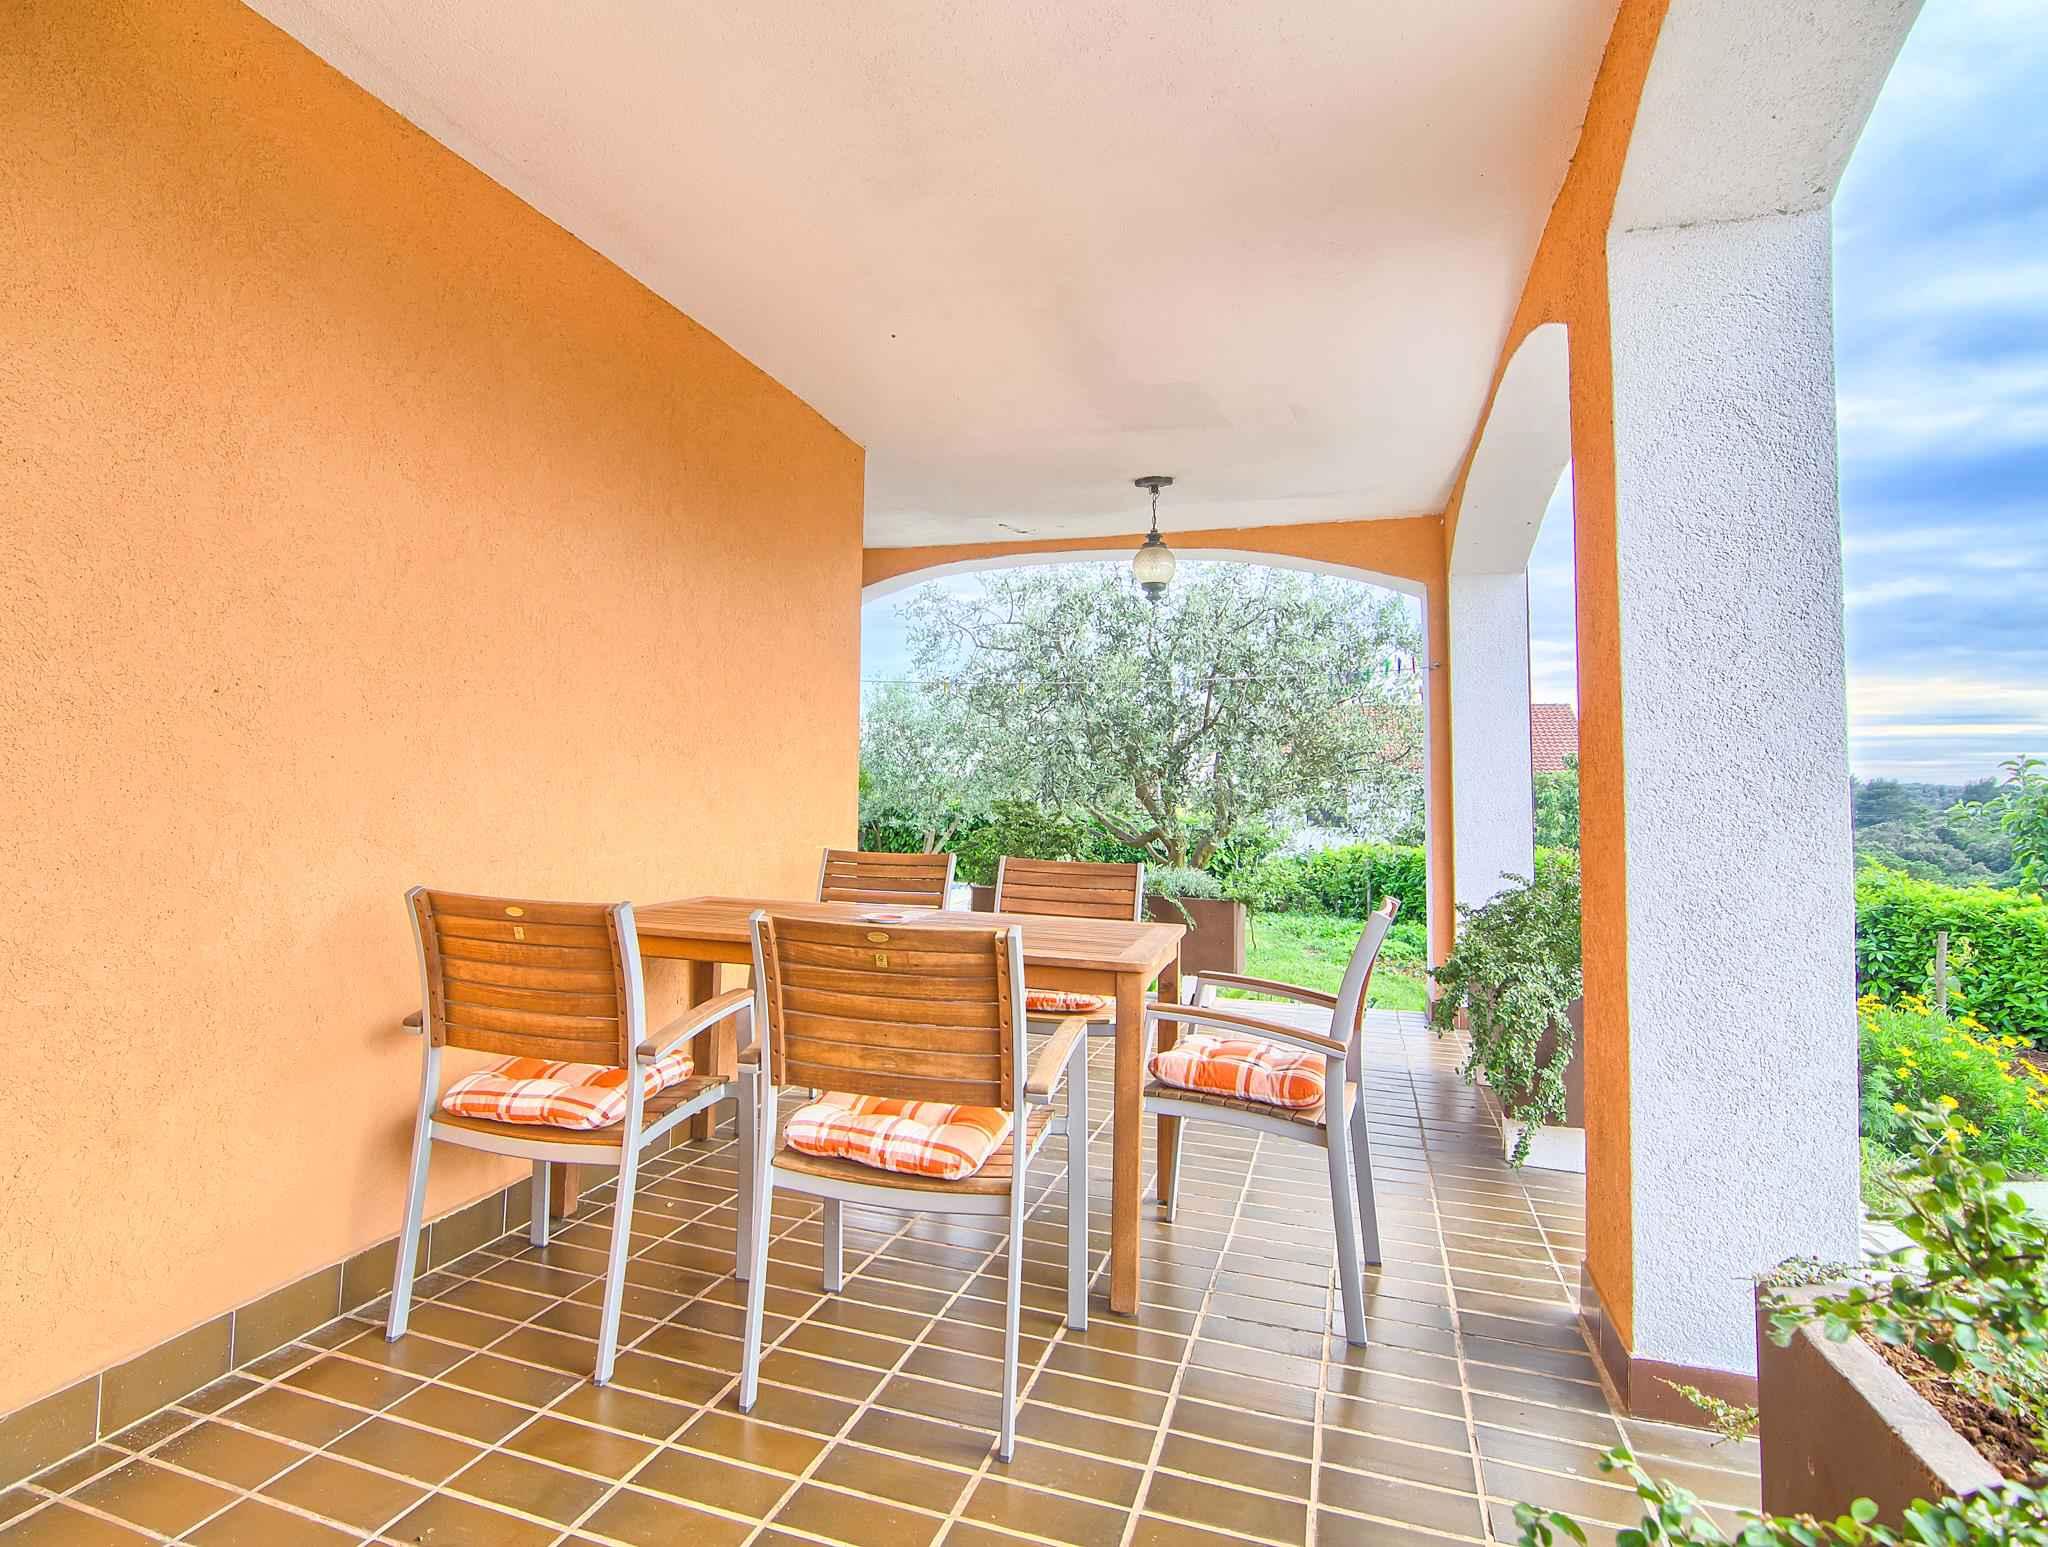 Ferienwohnung mit Pool und 32 qm Terrasse (280631), Pula, , Istrien, Kroatien, Bild 6